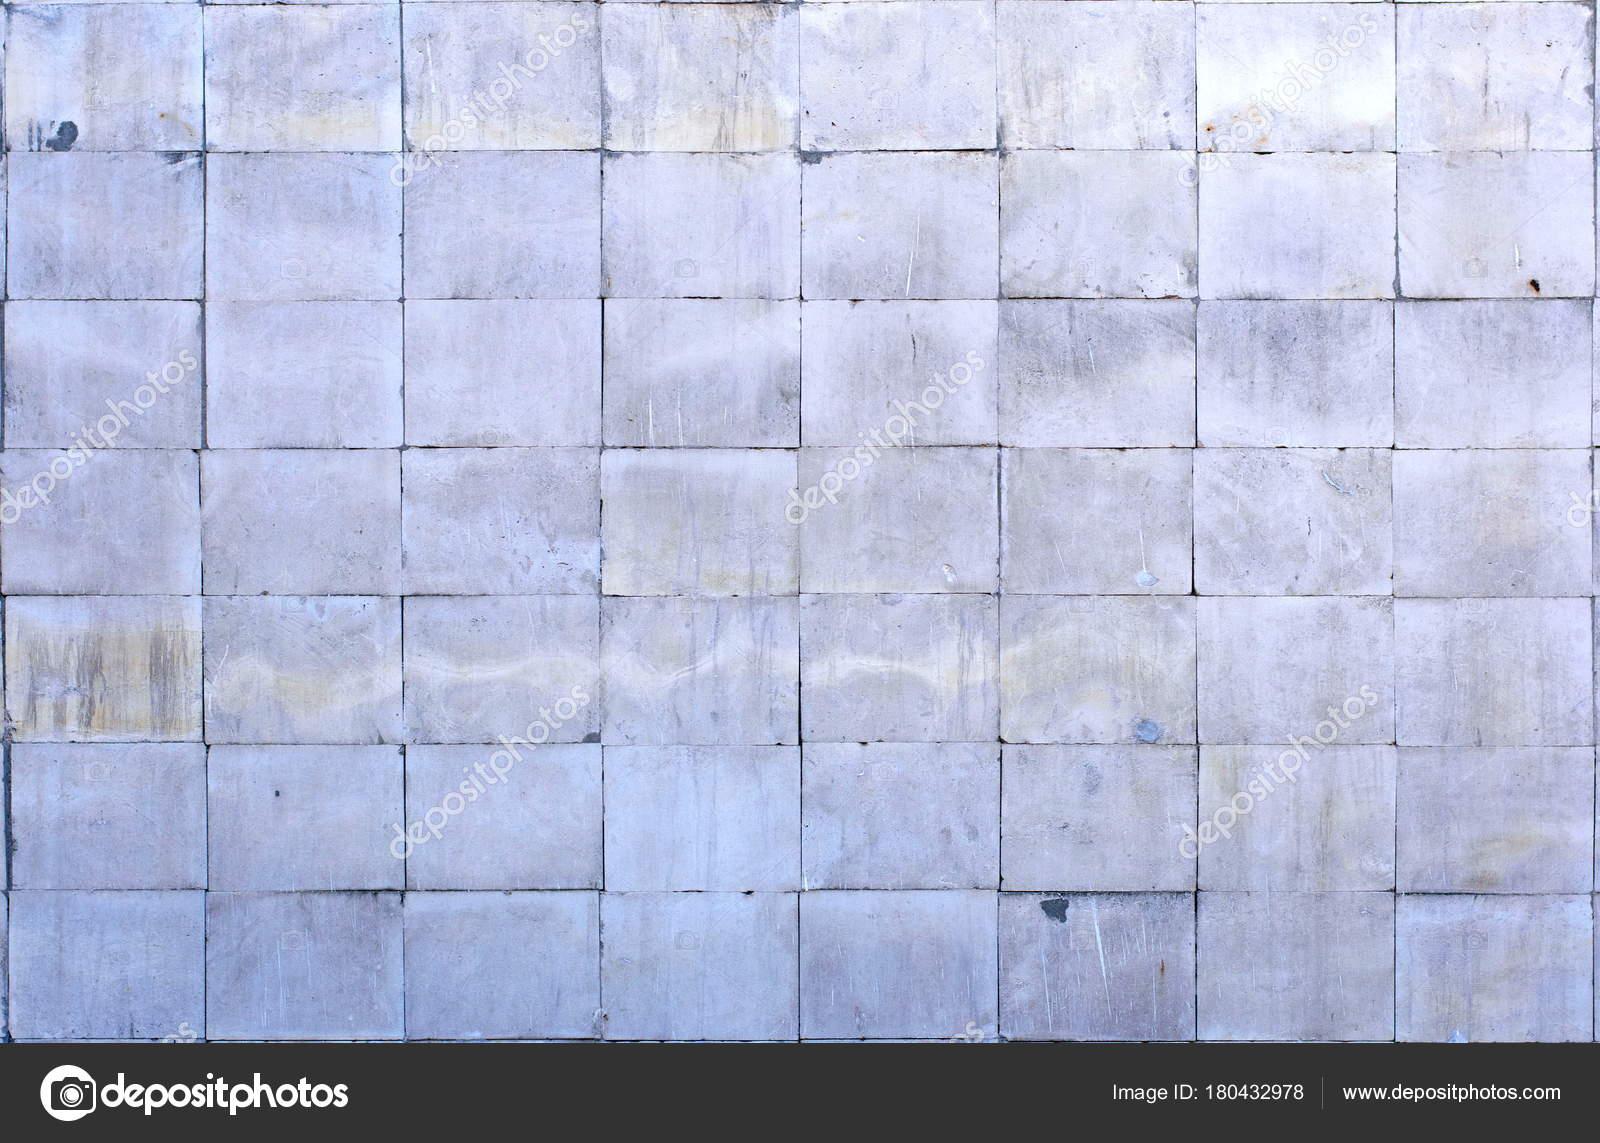 Azulejo de piedra caliza gris pulido como acabado material para